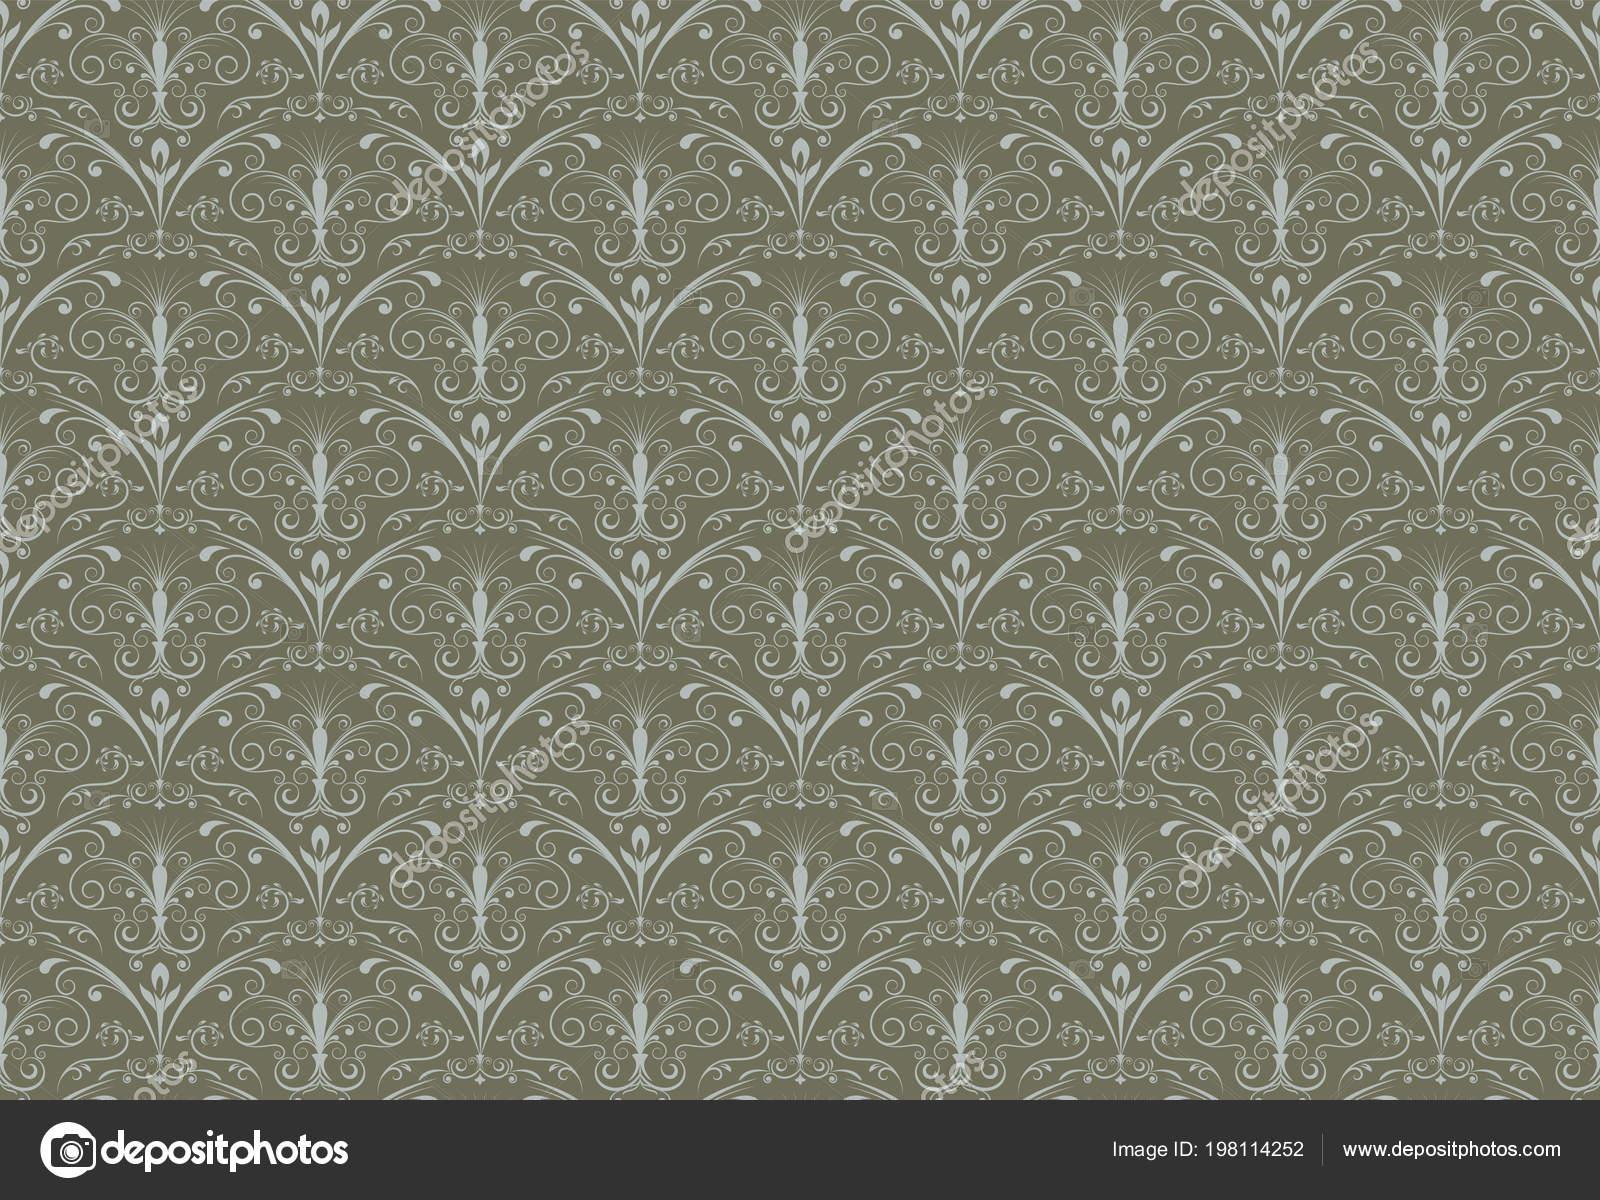 Behang Met Patroon : Retro behang vintage naadloze patroon voor achtergrond patroon